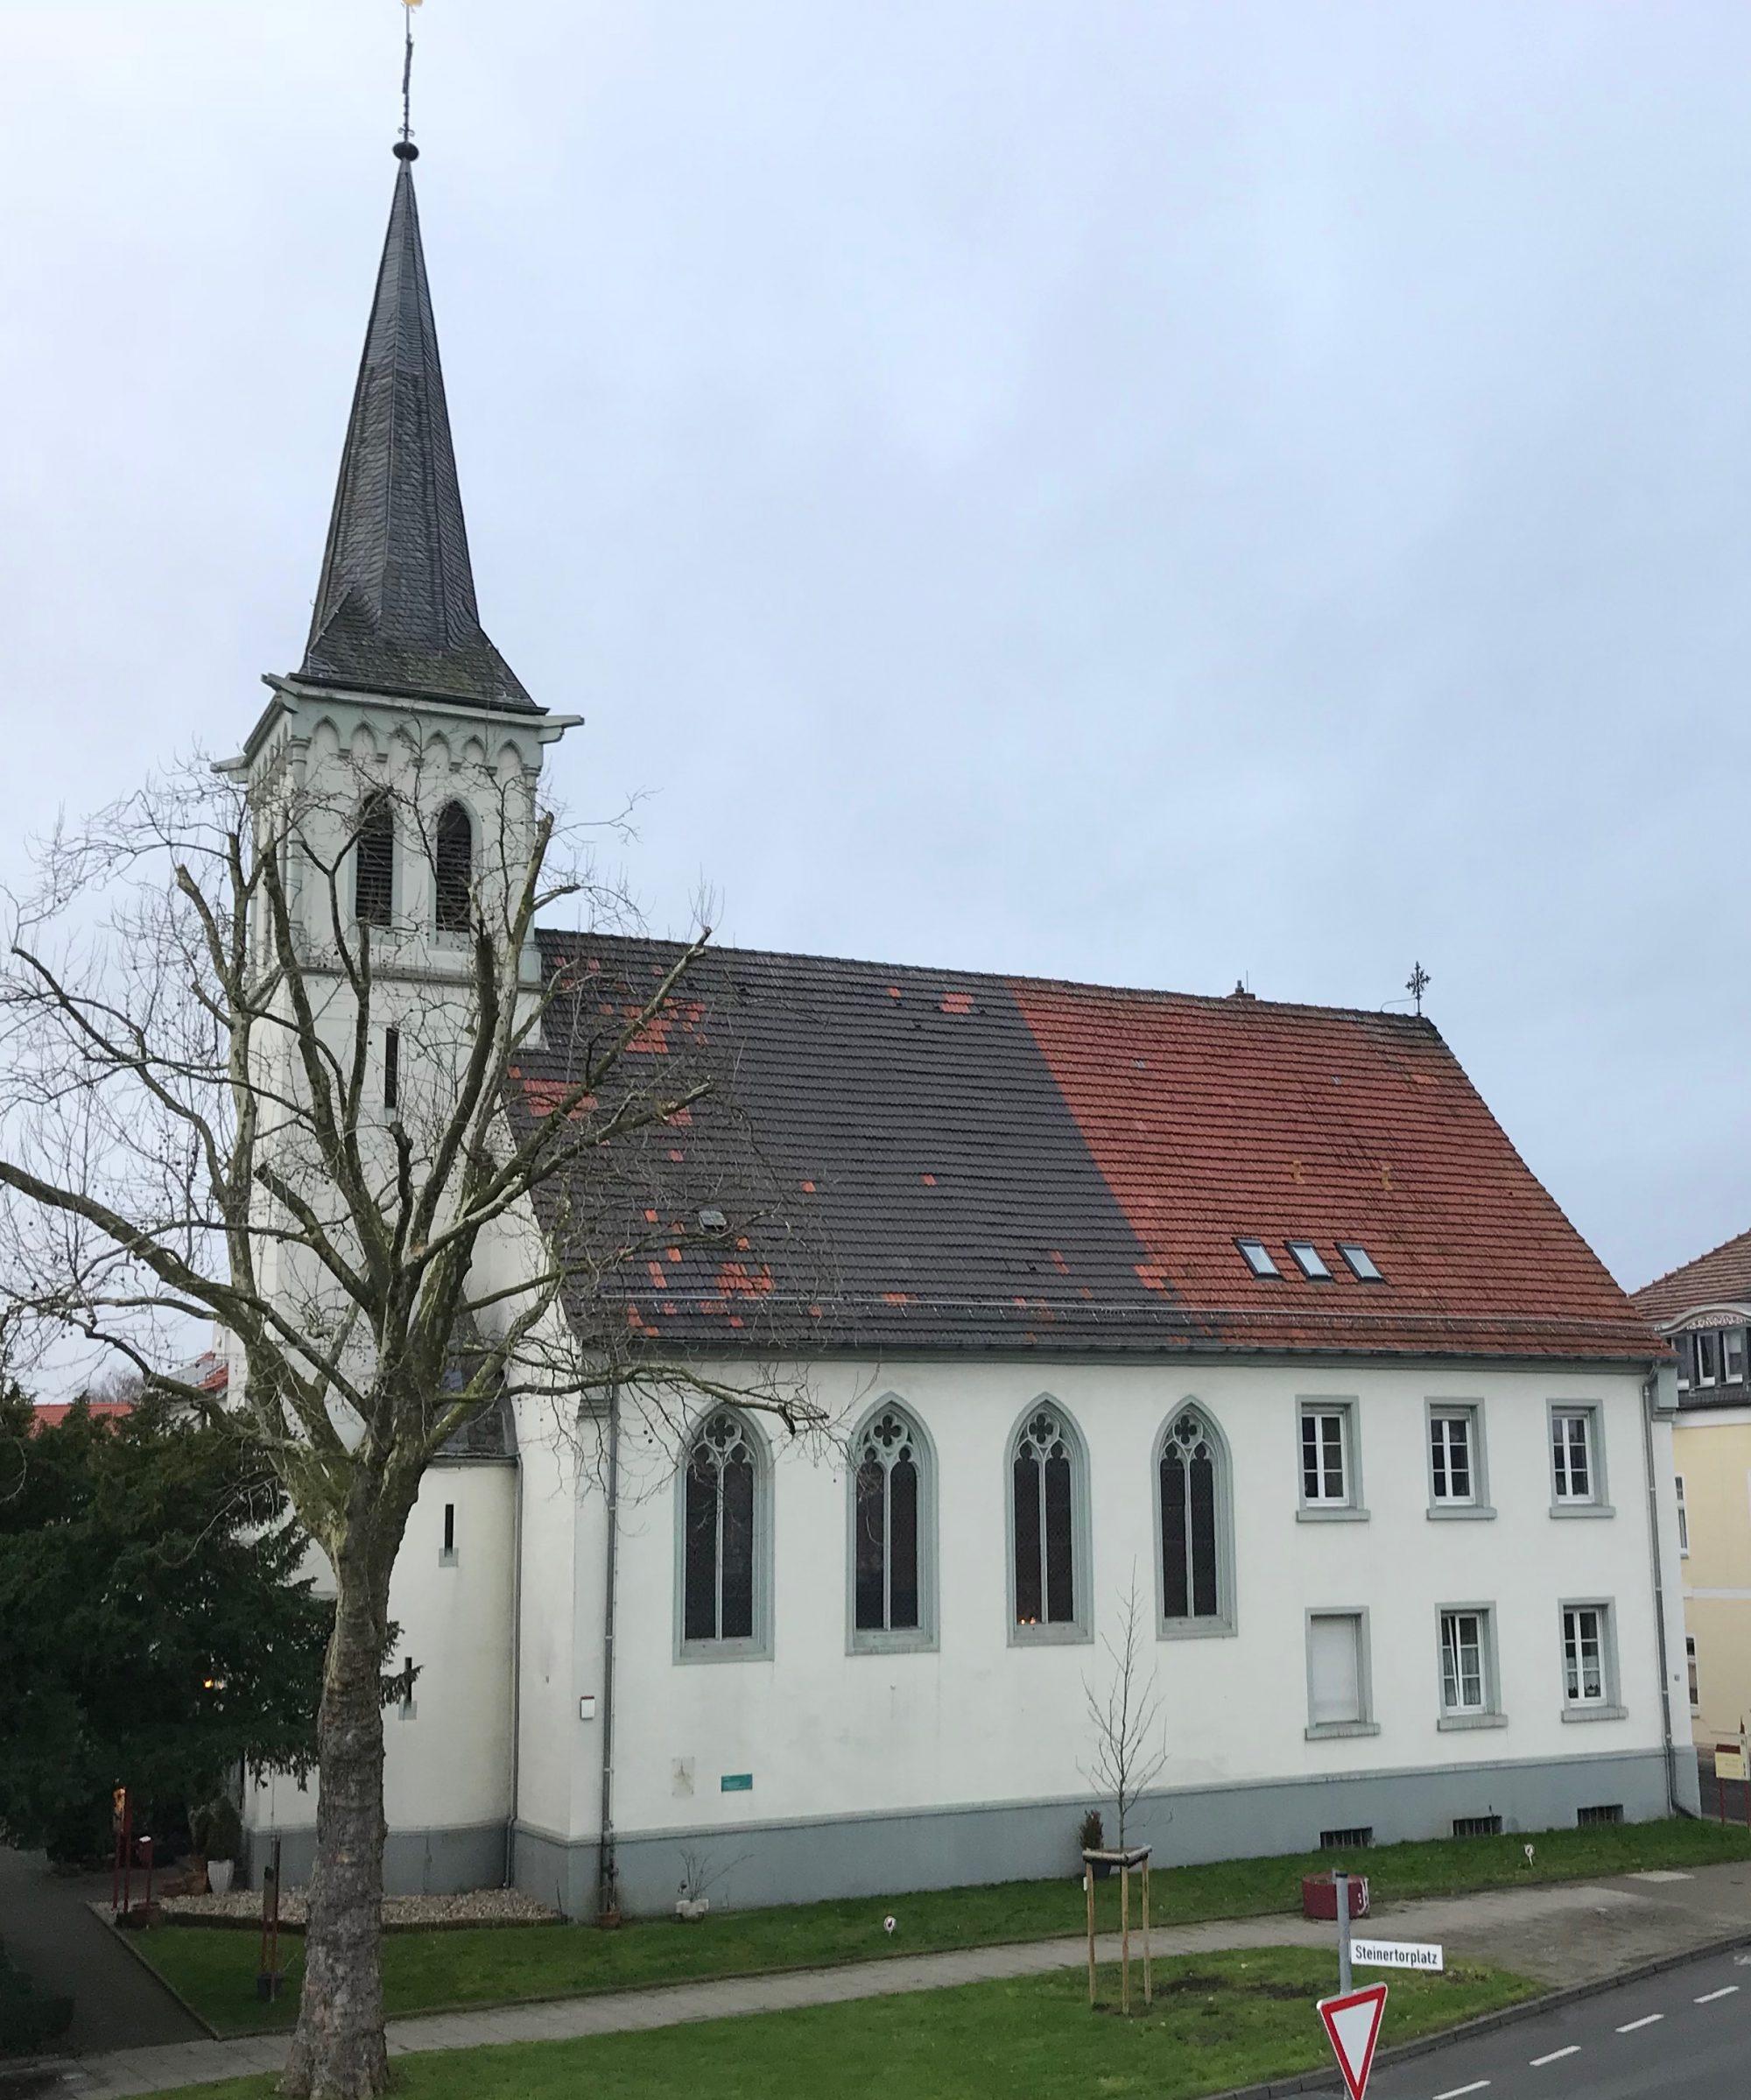 Kauf eine Kirche